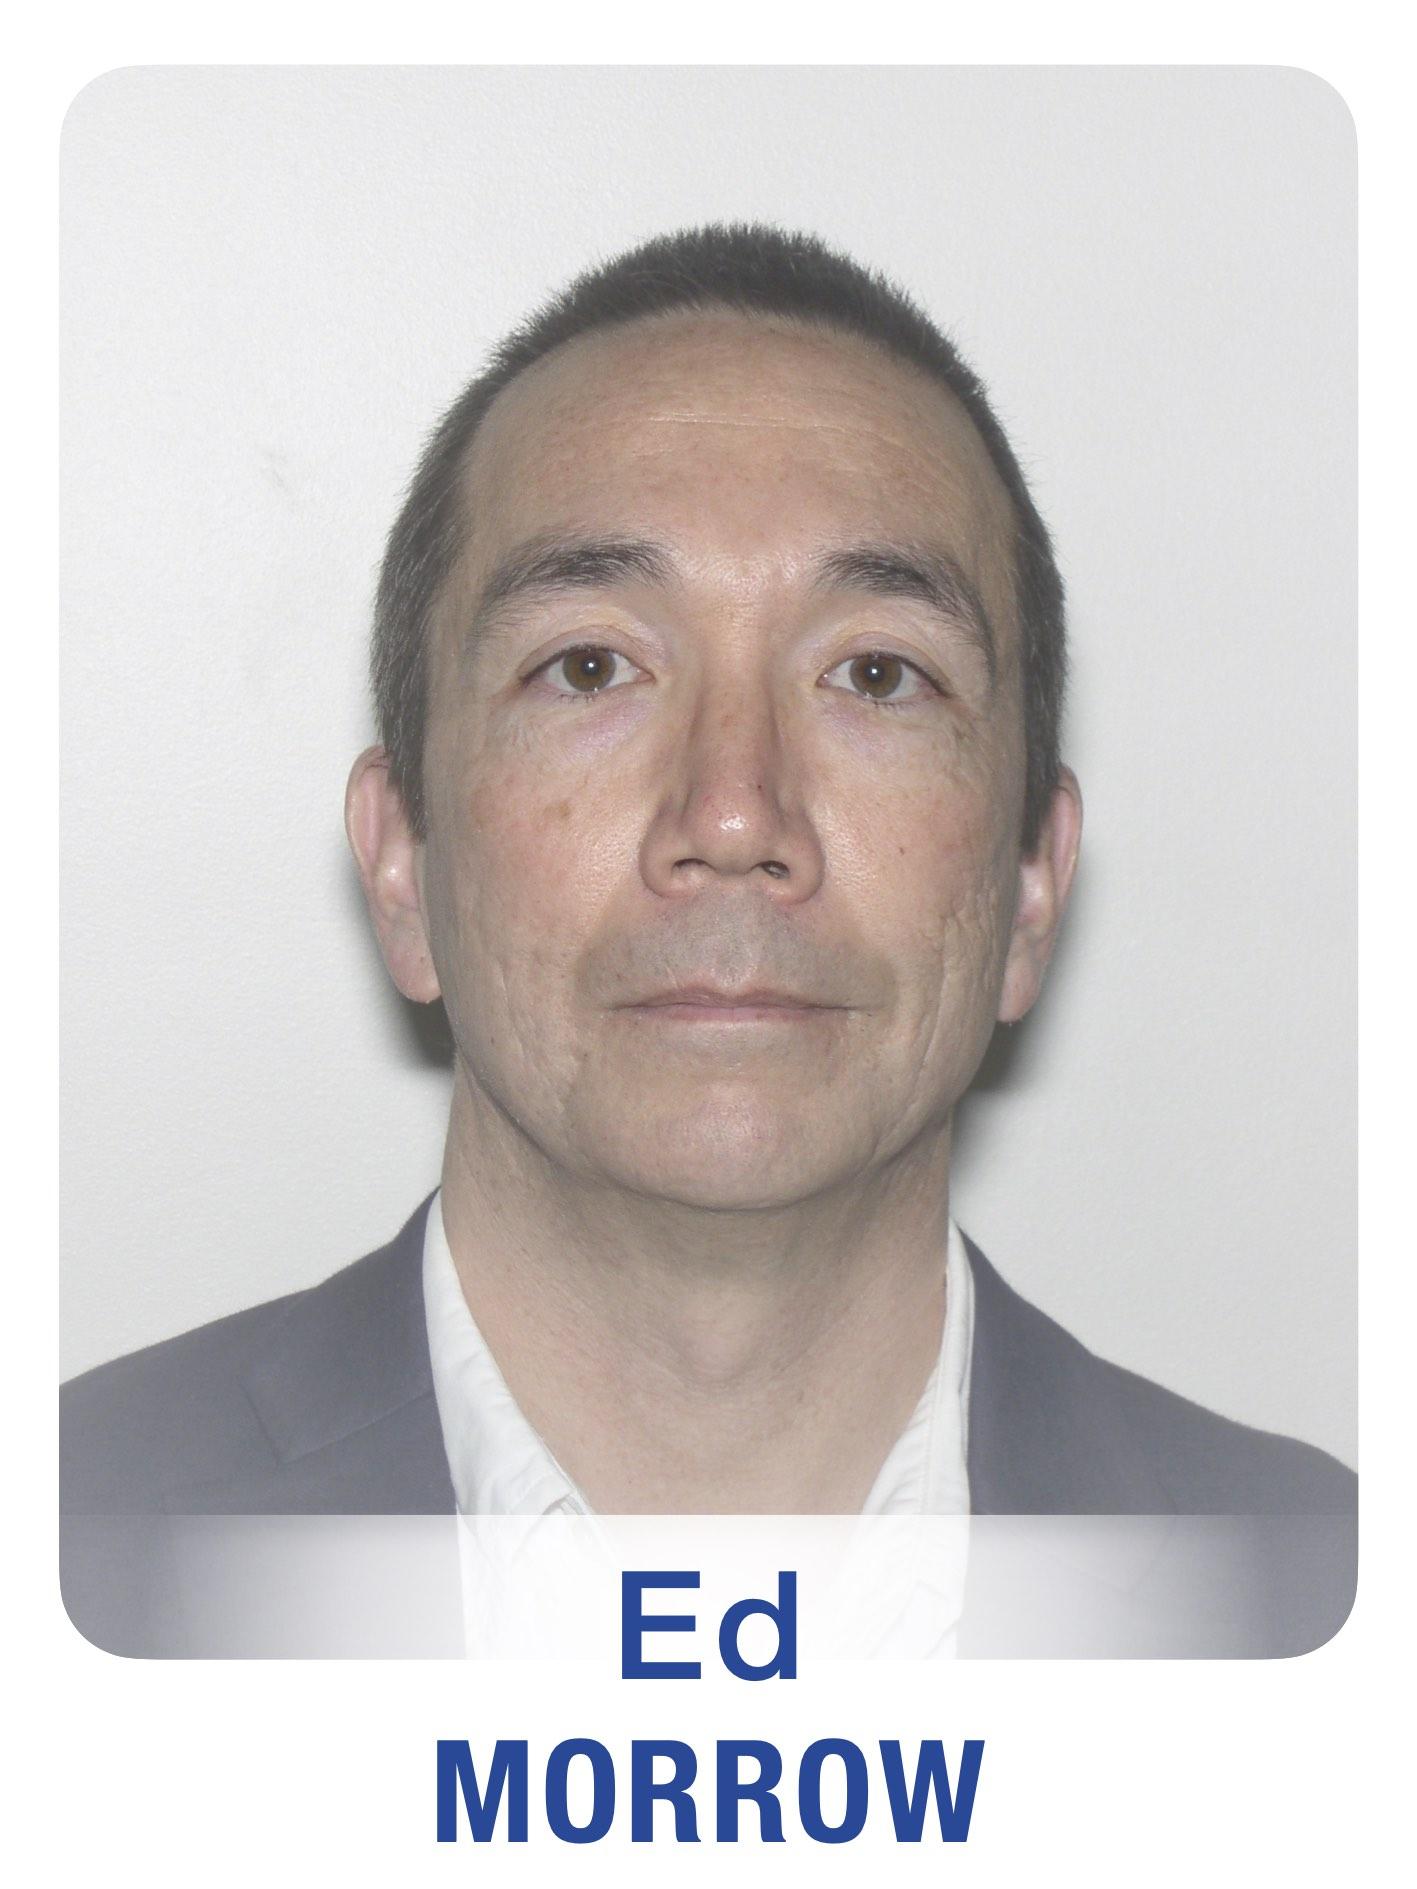 New Staff Photo (Edward)